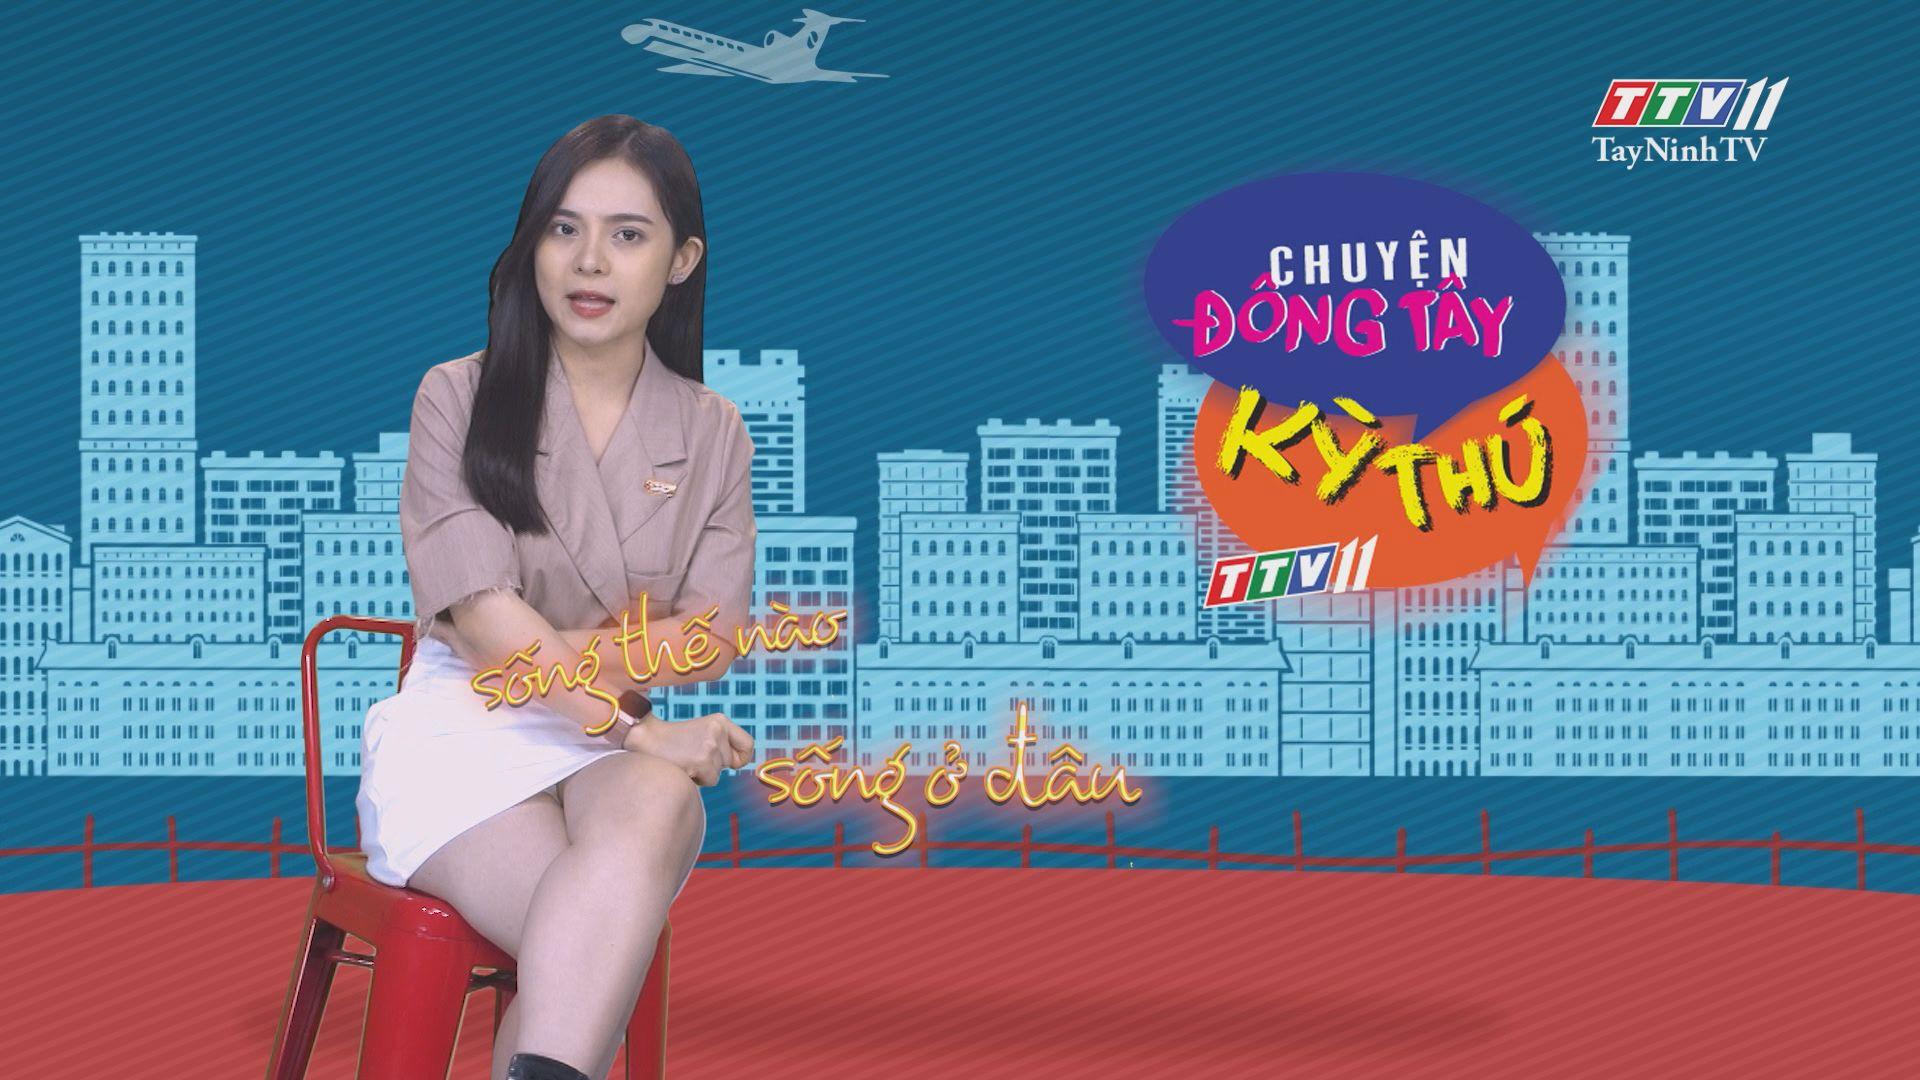 Chuyện Đông Tây Kỳ Thú 27-4-2020 | TayNinhTV